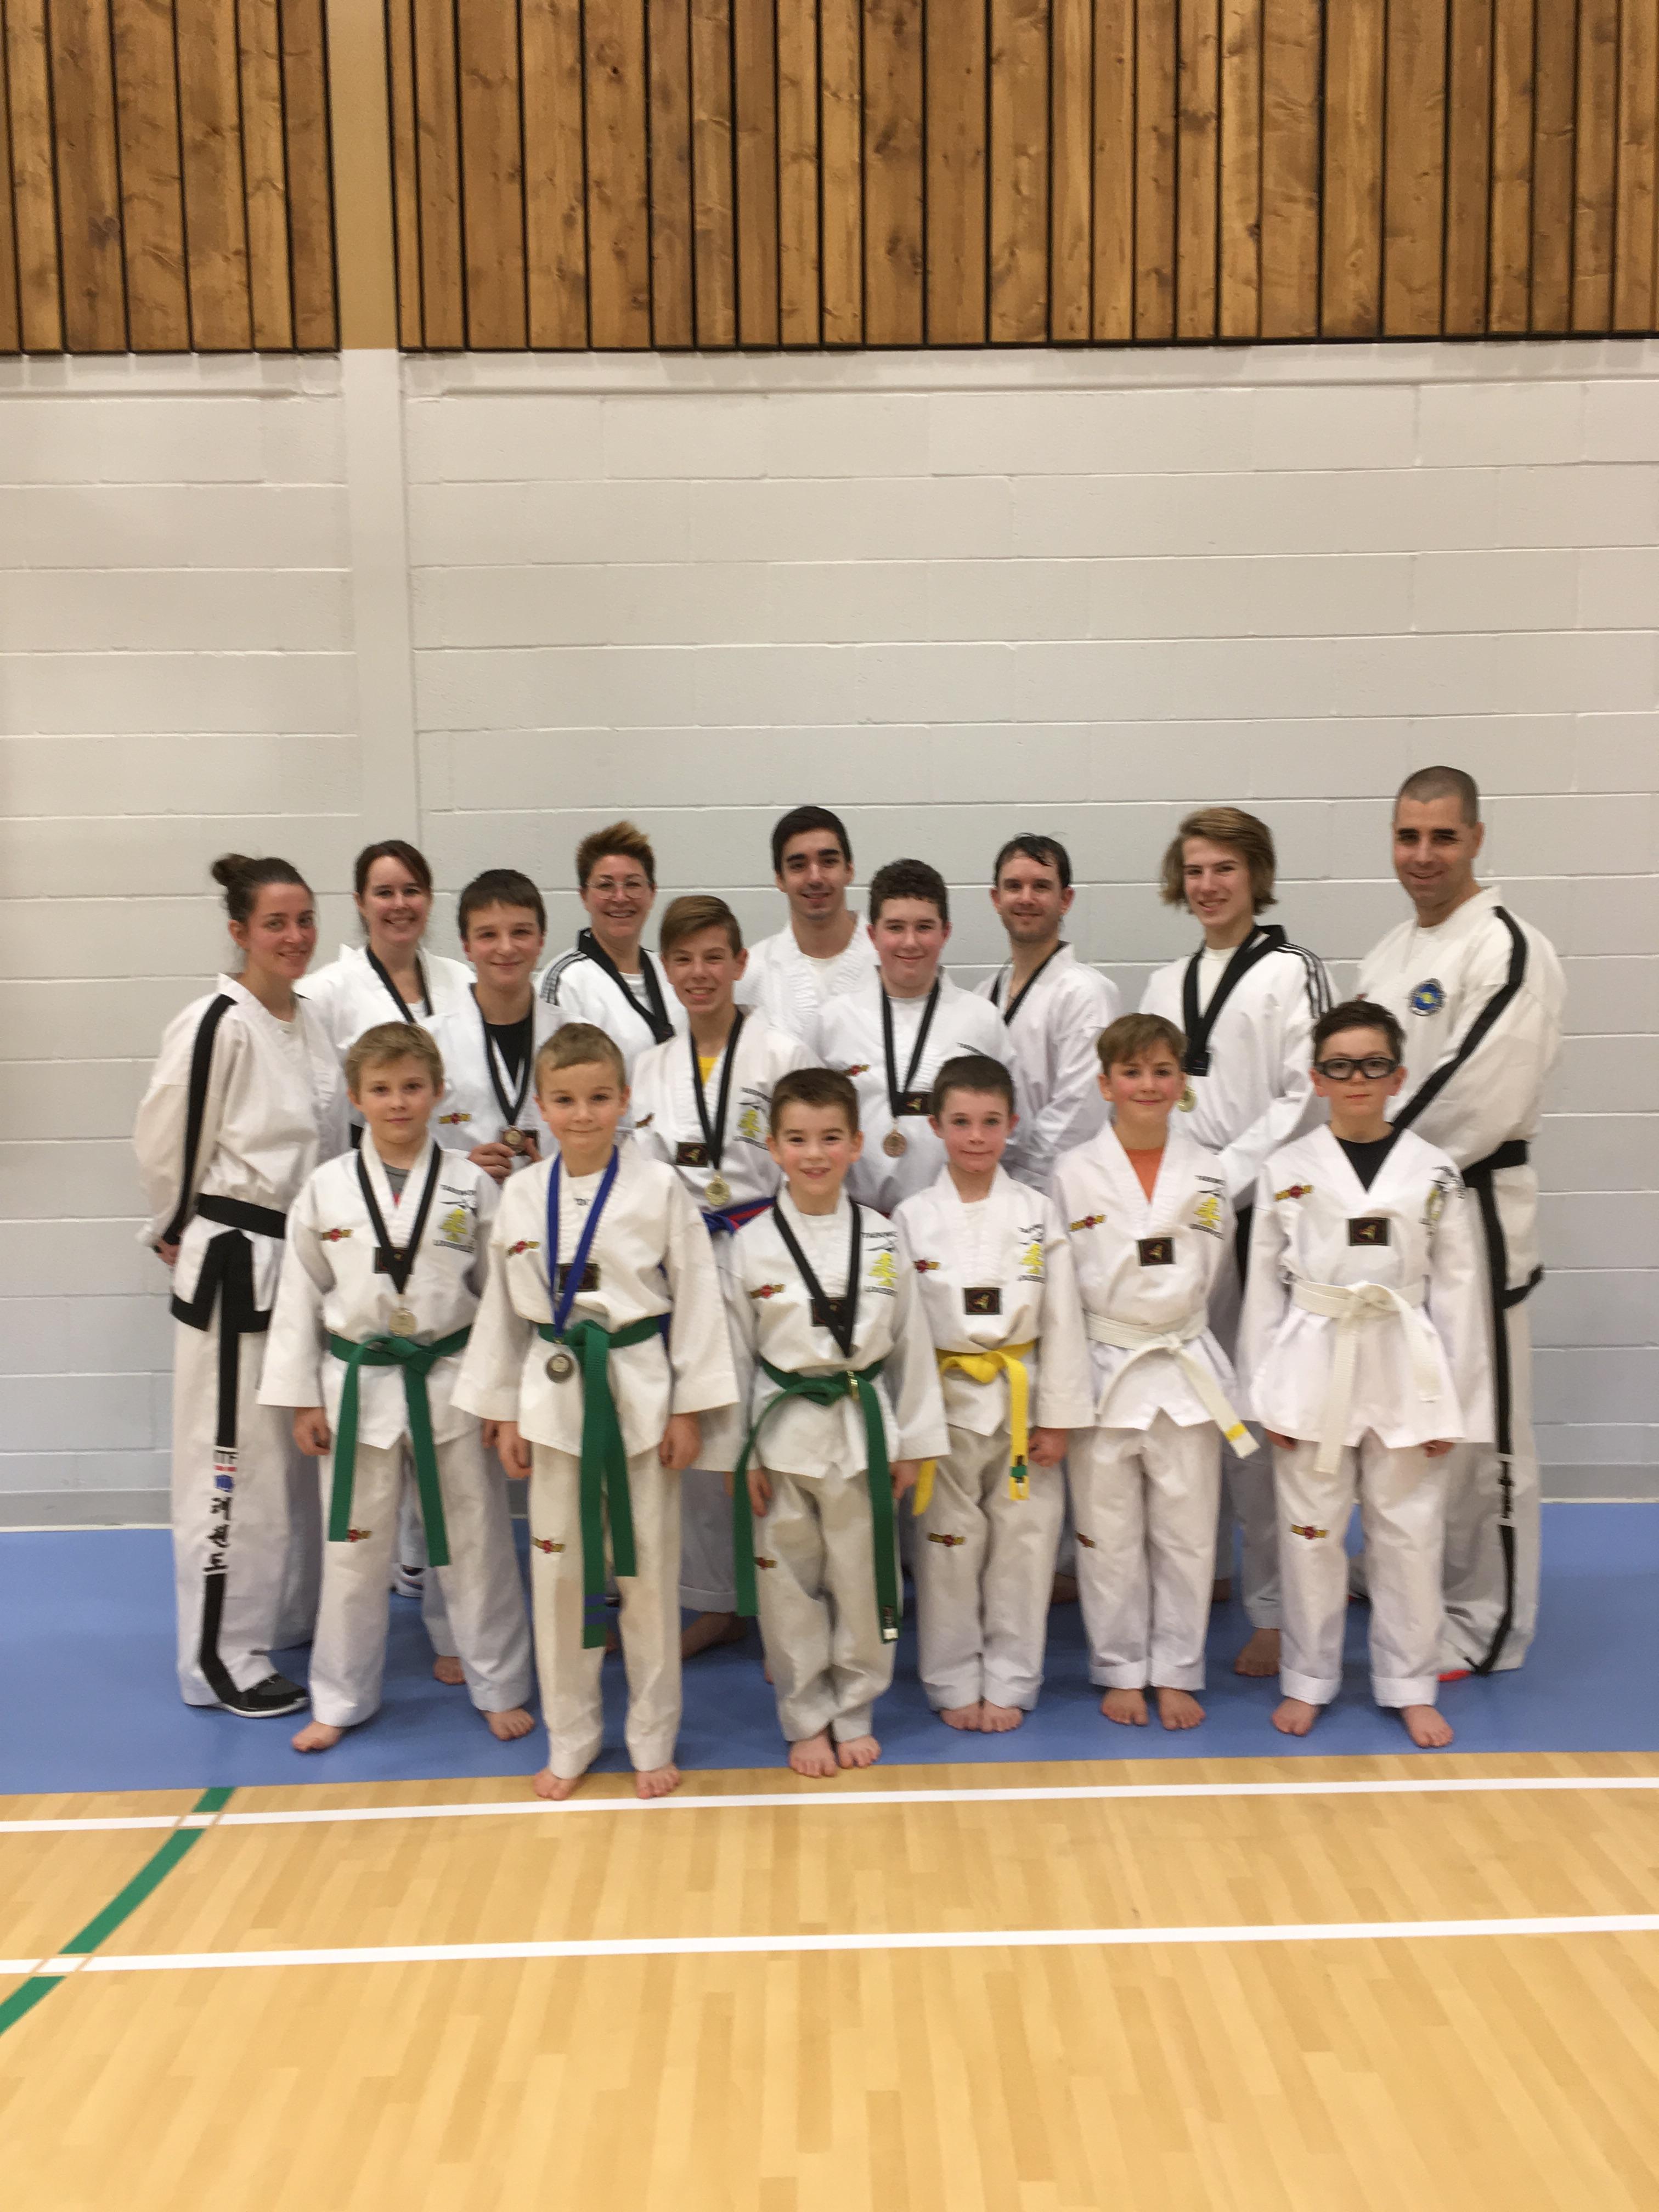 Des maîtres du taekwondo à Louiseville